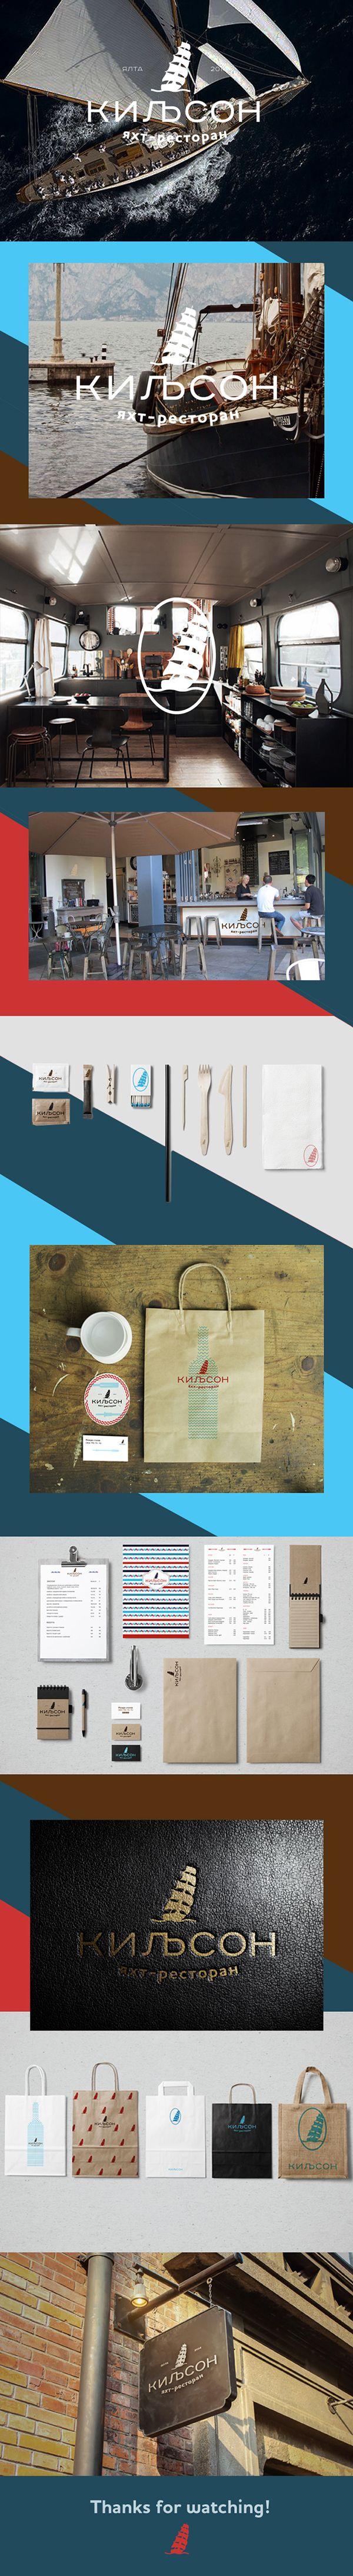 branding for yacht-restaurant Kil`son on Behance